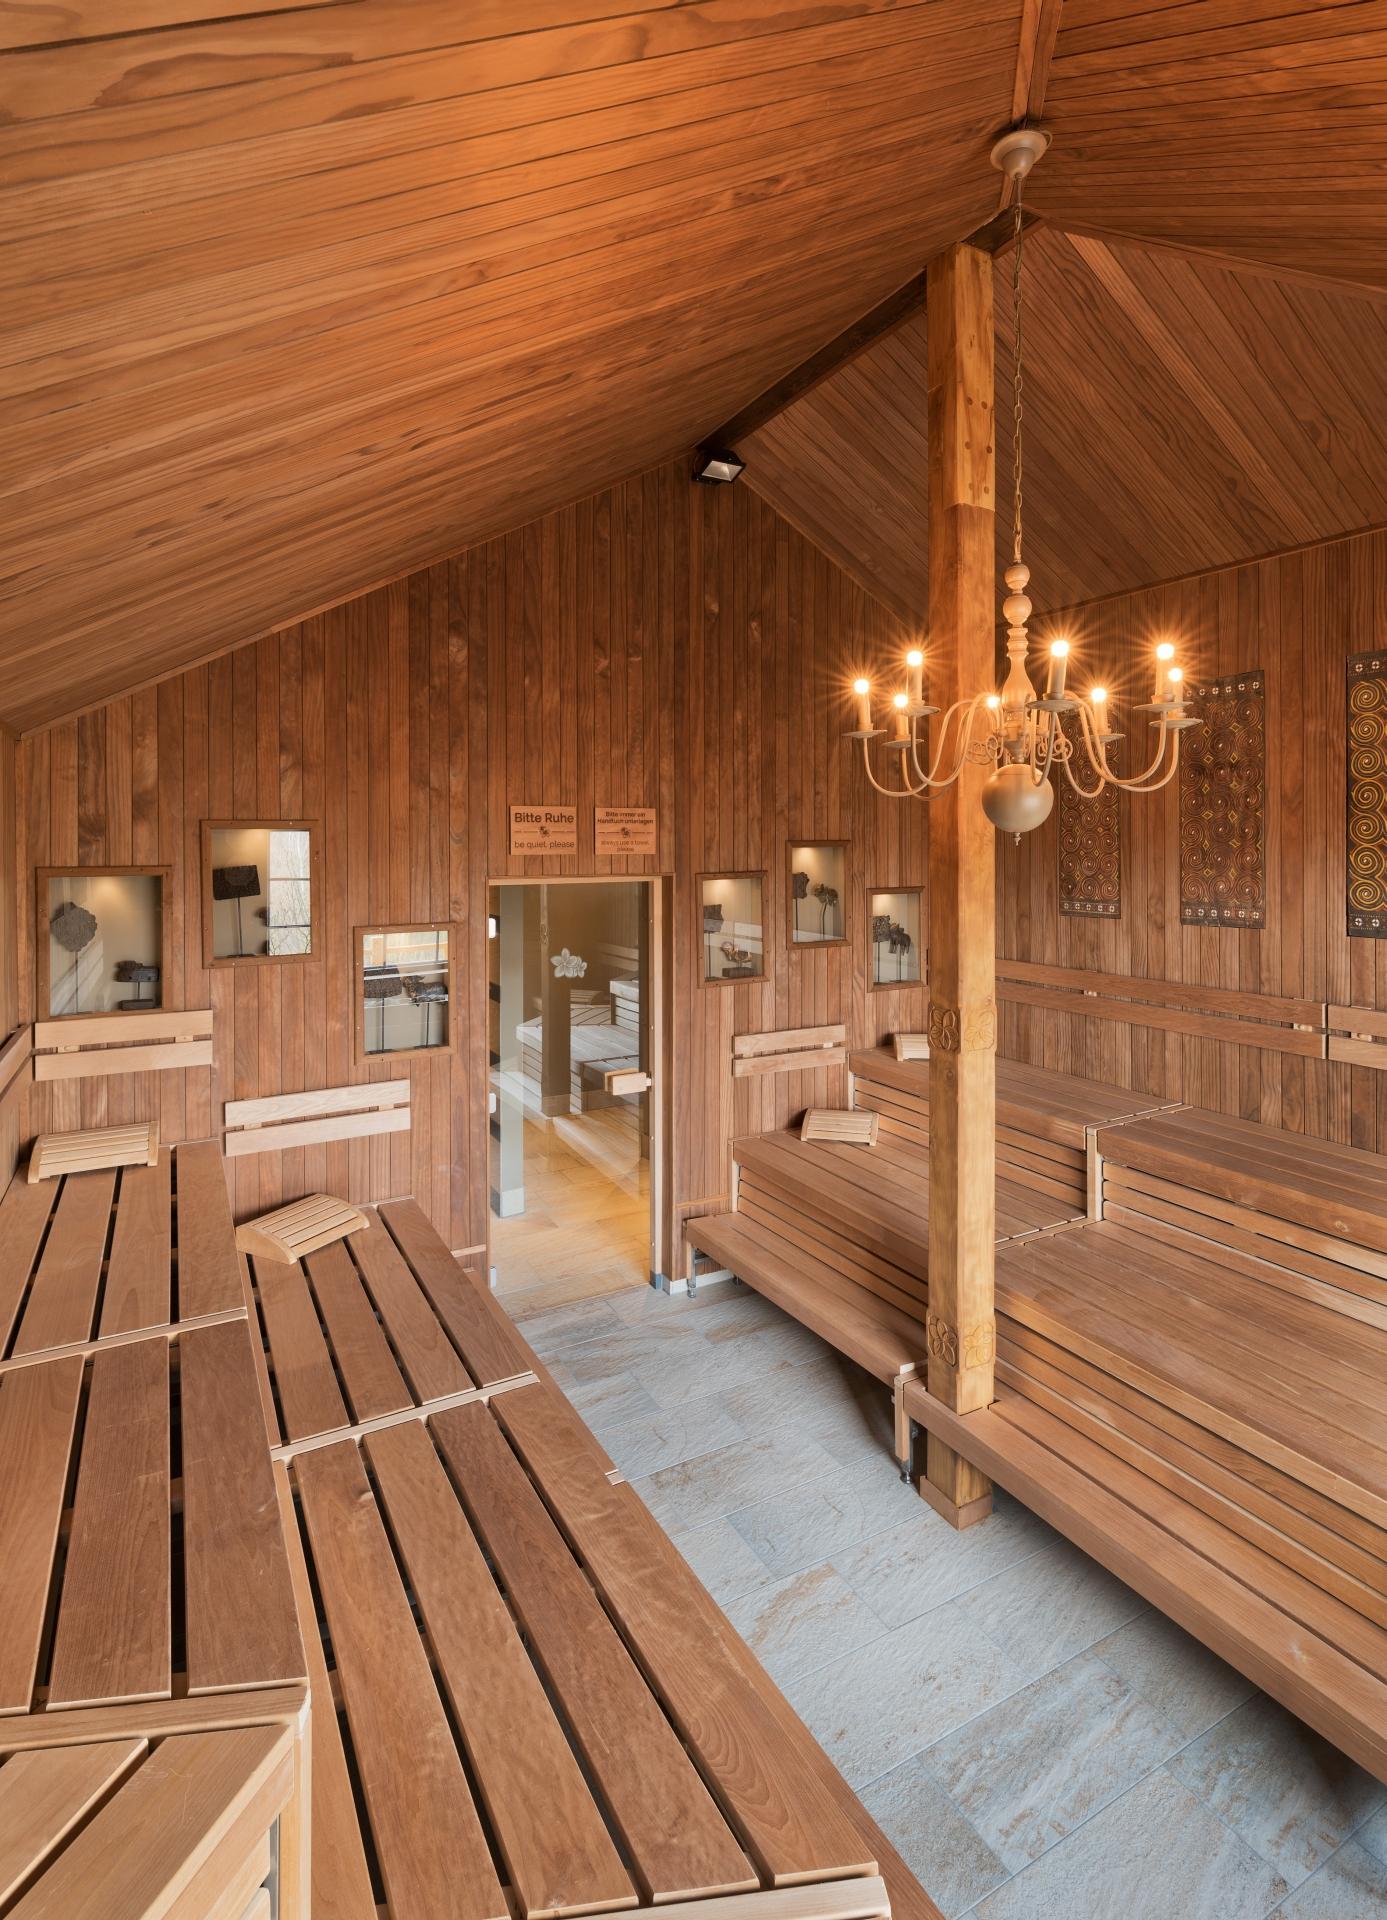 Vabali sauna 10 of